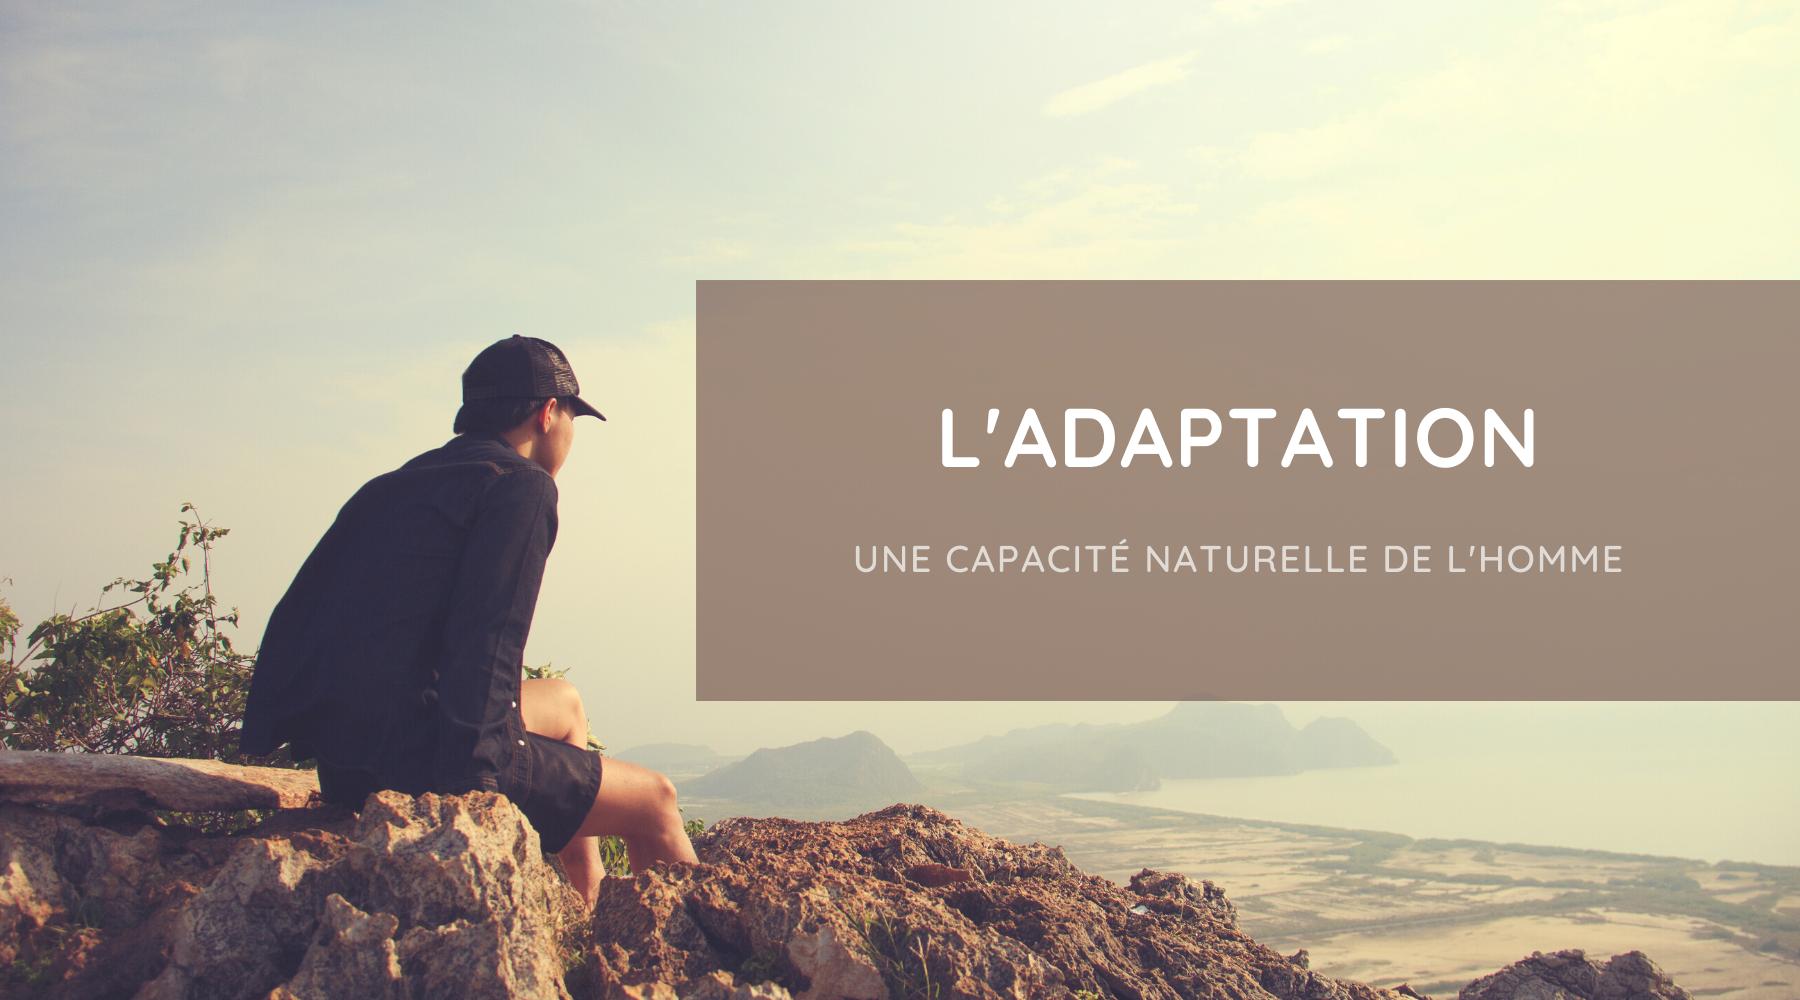 L'Adaptation - une capacité naturelle pour faire face au déconfinement